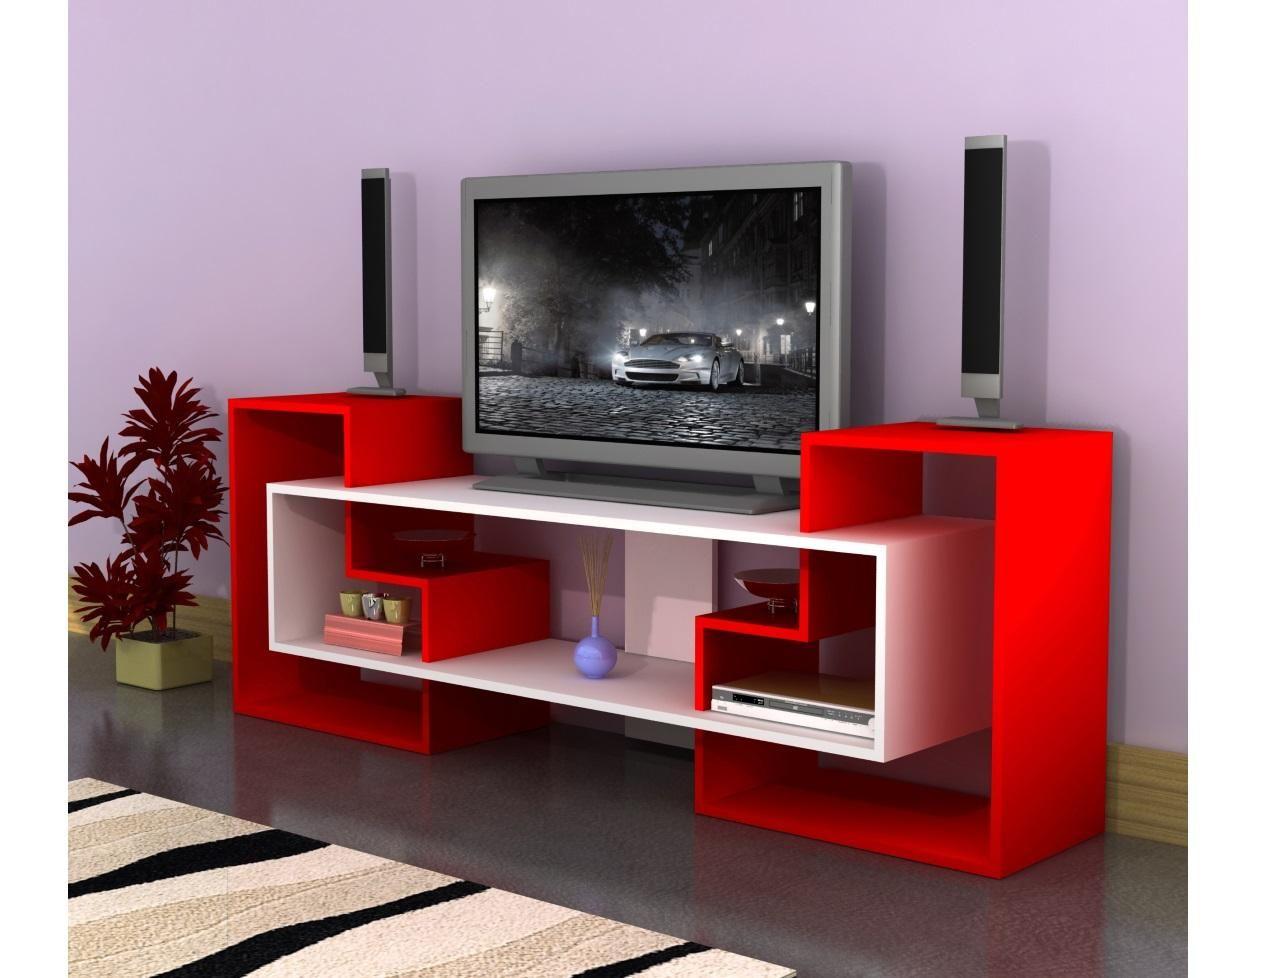 Minar Yildiz Tv Unitesi Kirmizi Beyaz Televizyon Uniteleri Ve Mobilya Modelleri Mobilya Ev Icin Oturma Odasi Tasarimlari